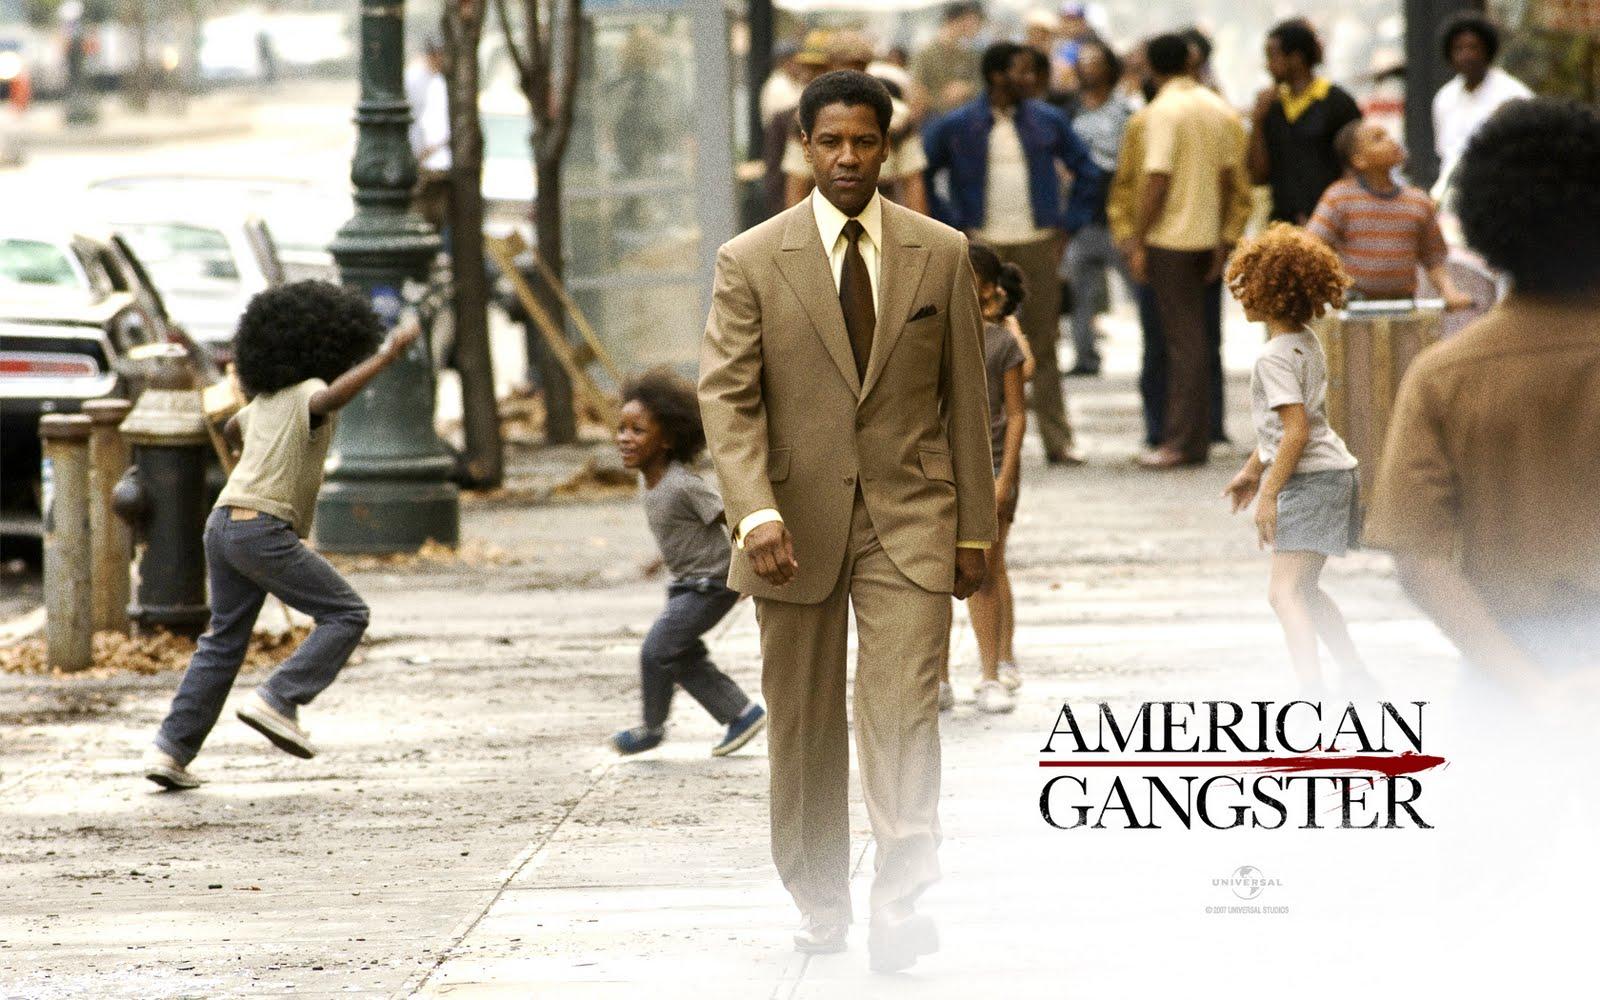 http://3.bp.blogspot.com/_f0bvyZMrZ9k/SxRWbvkmgSI/AAAAAAAADL4/NcqUrTz2LzI/s1600/American_Gangster.jpg